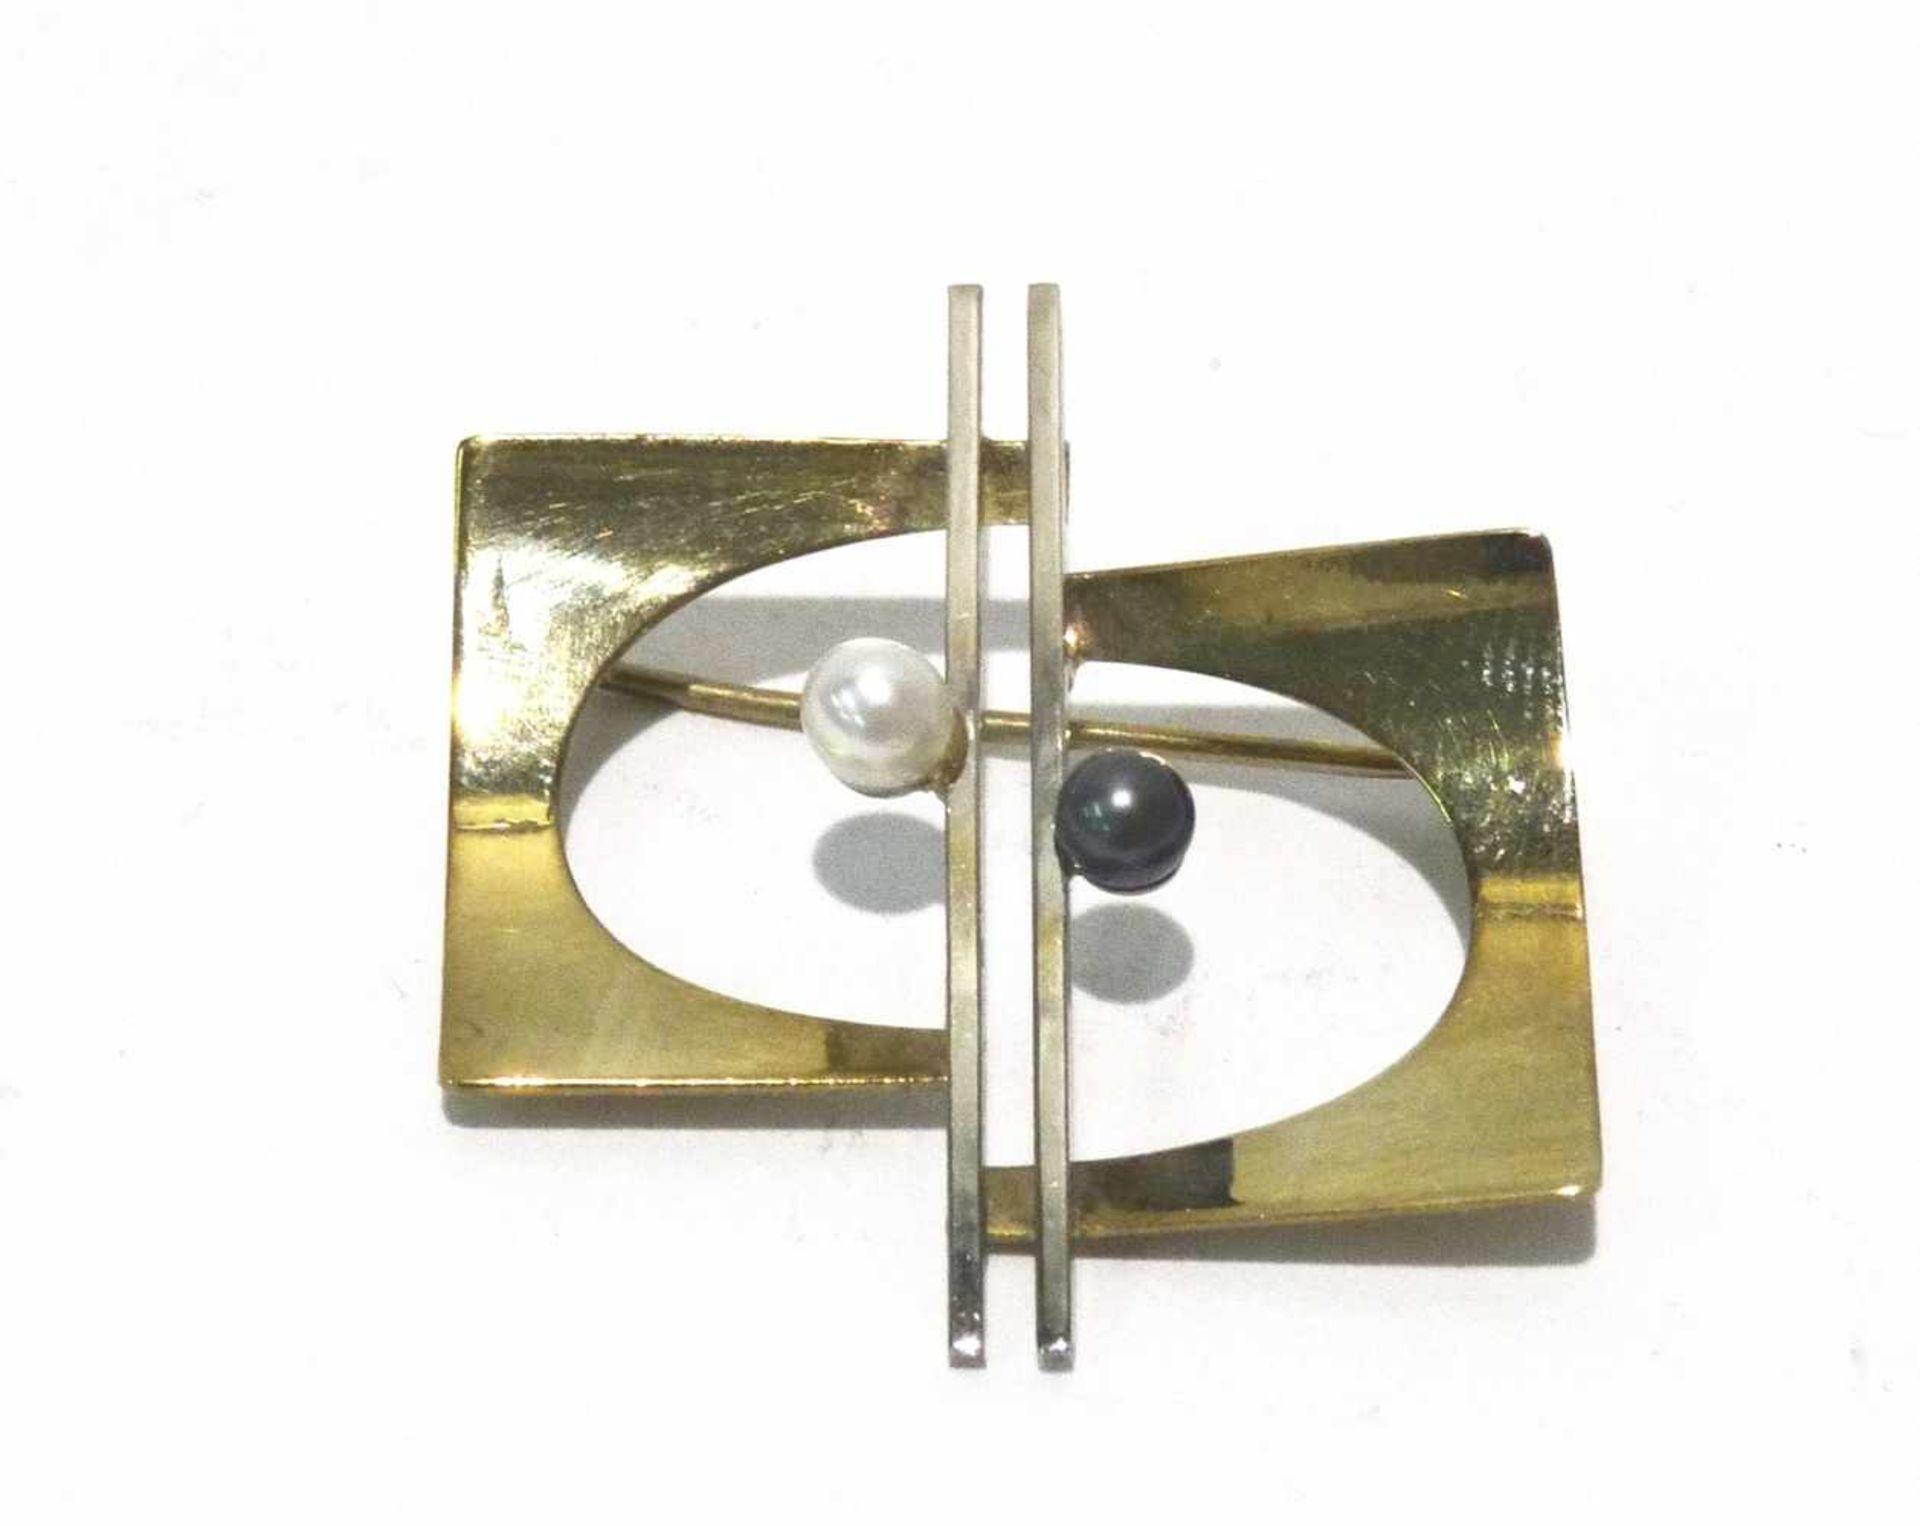 333 Gold Brosche / Nadel 2-farbig mit 2 Perlen besetzt, ca. 3 x 3cm, Gewicht ges. ca. 2,7g